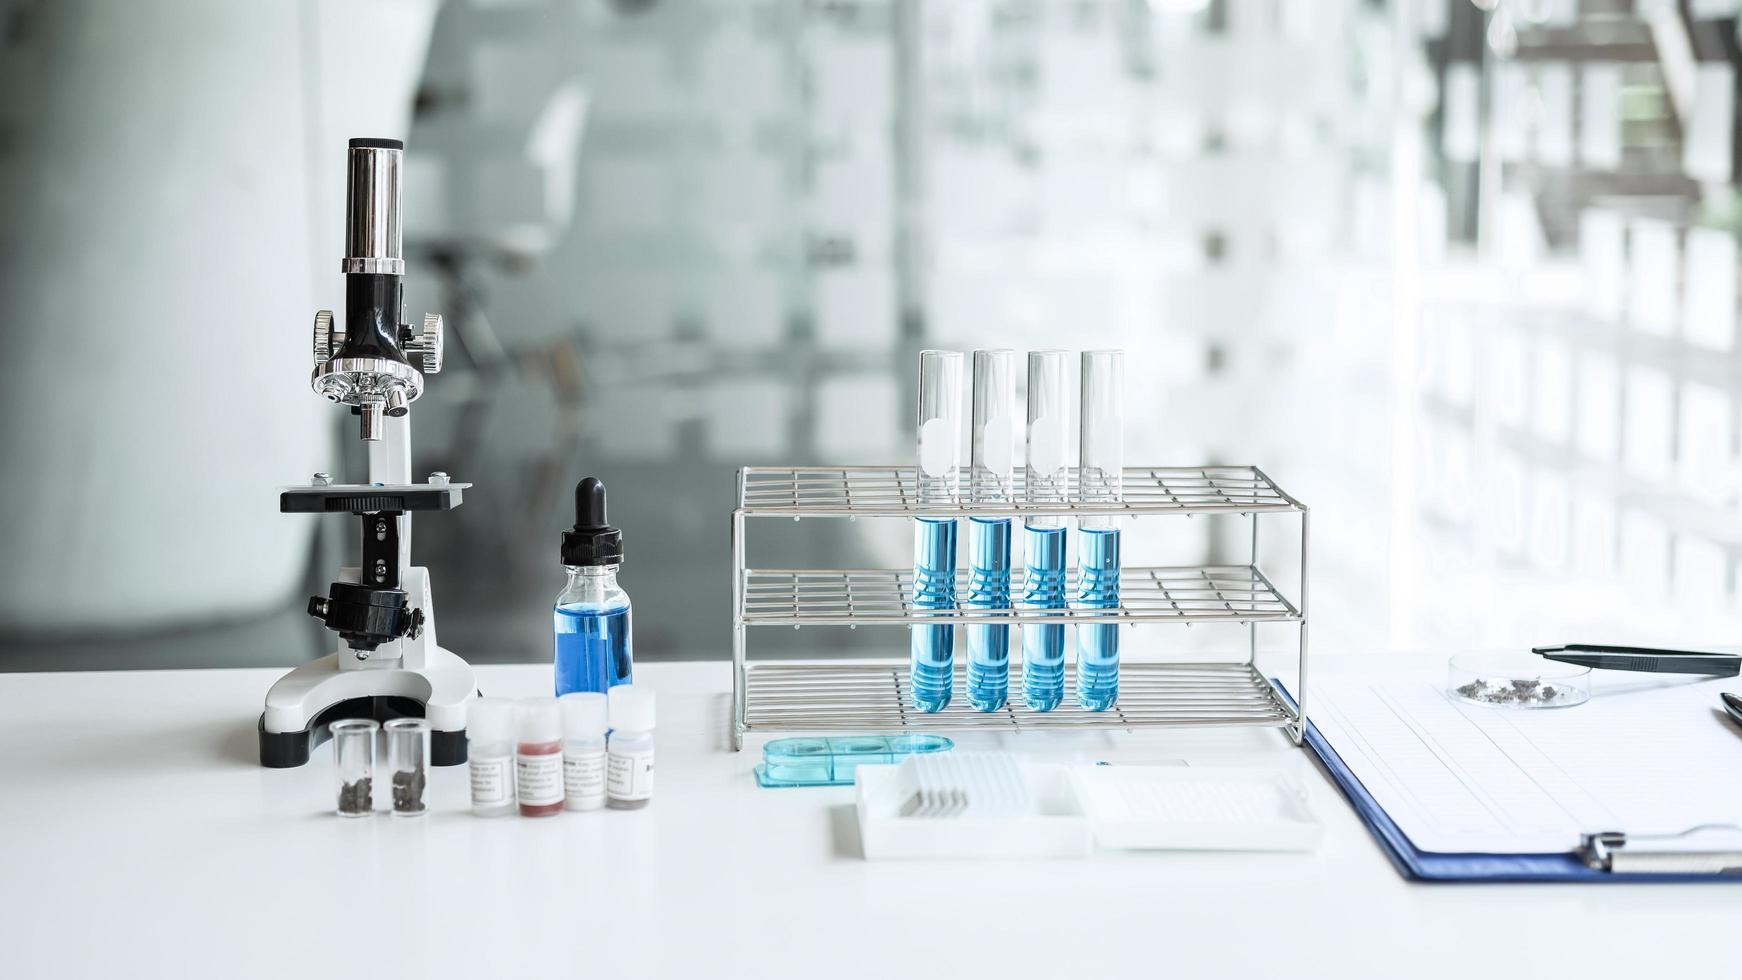 une vue d'un laboratoire scientifique photo